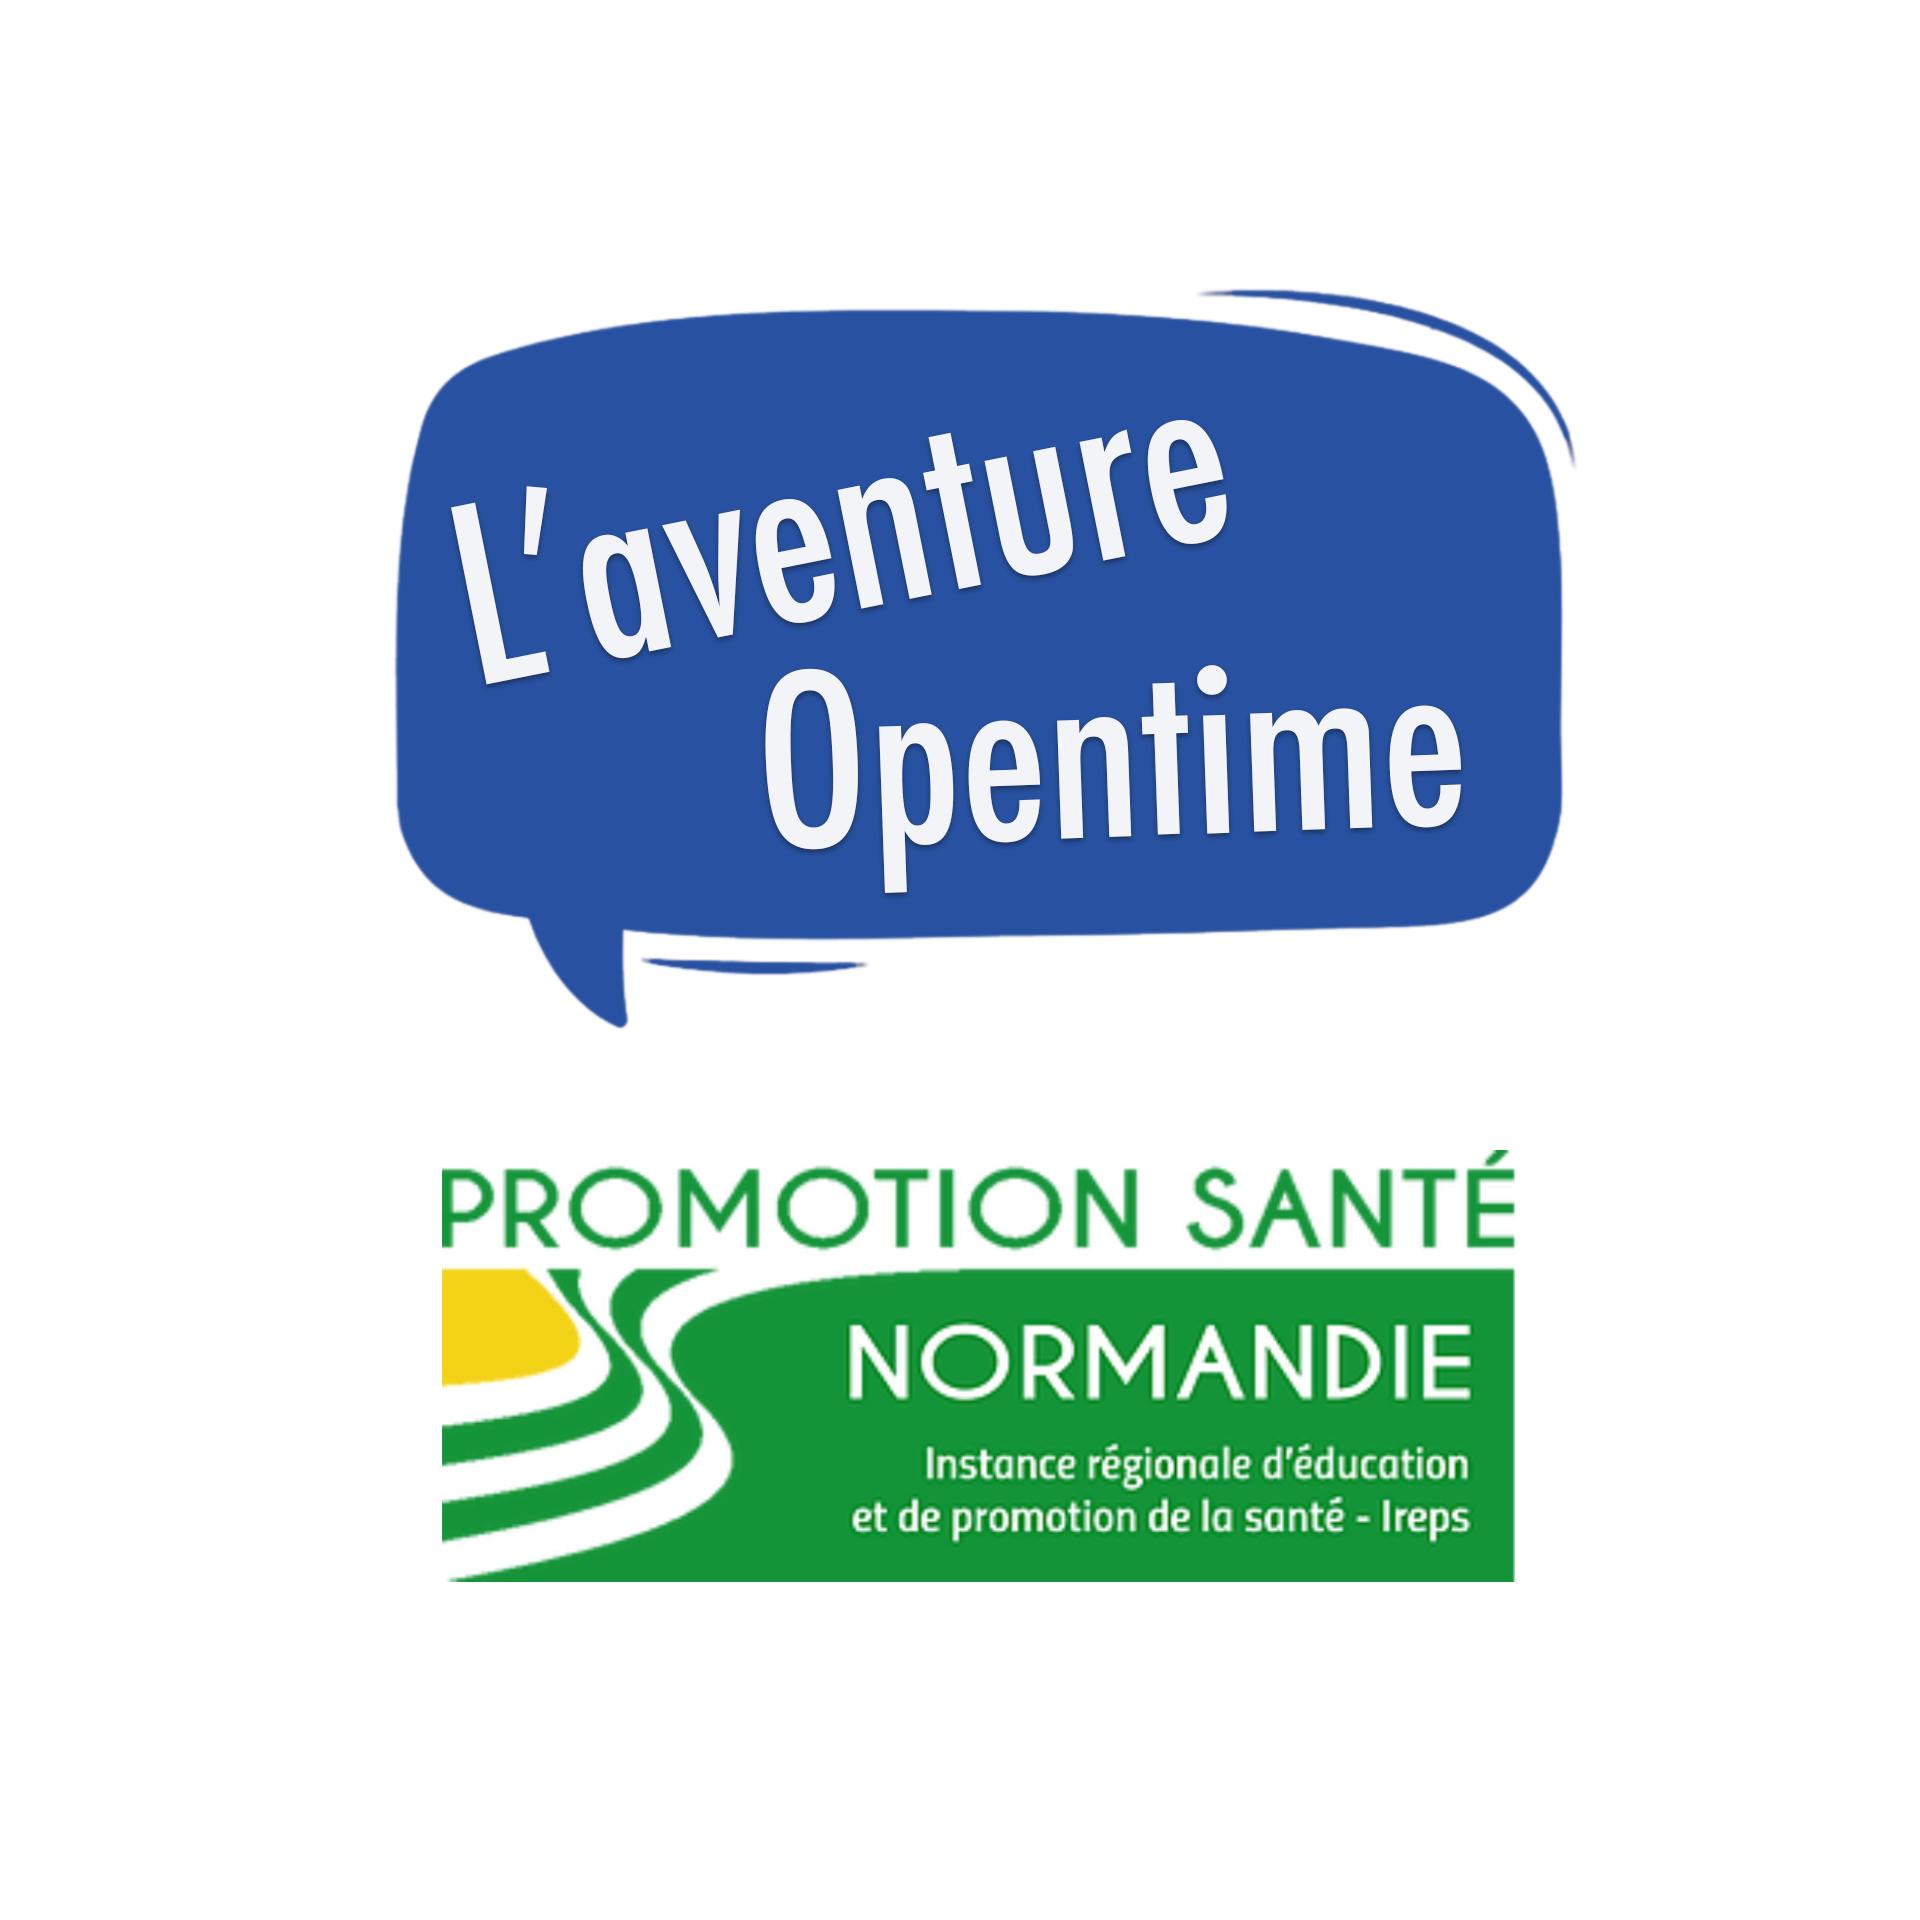 Promotion Santé Normandie rejoint l'aventure Opentime